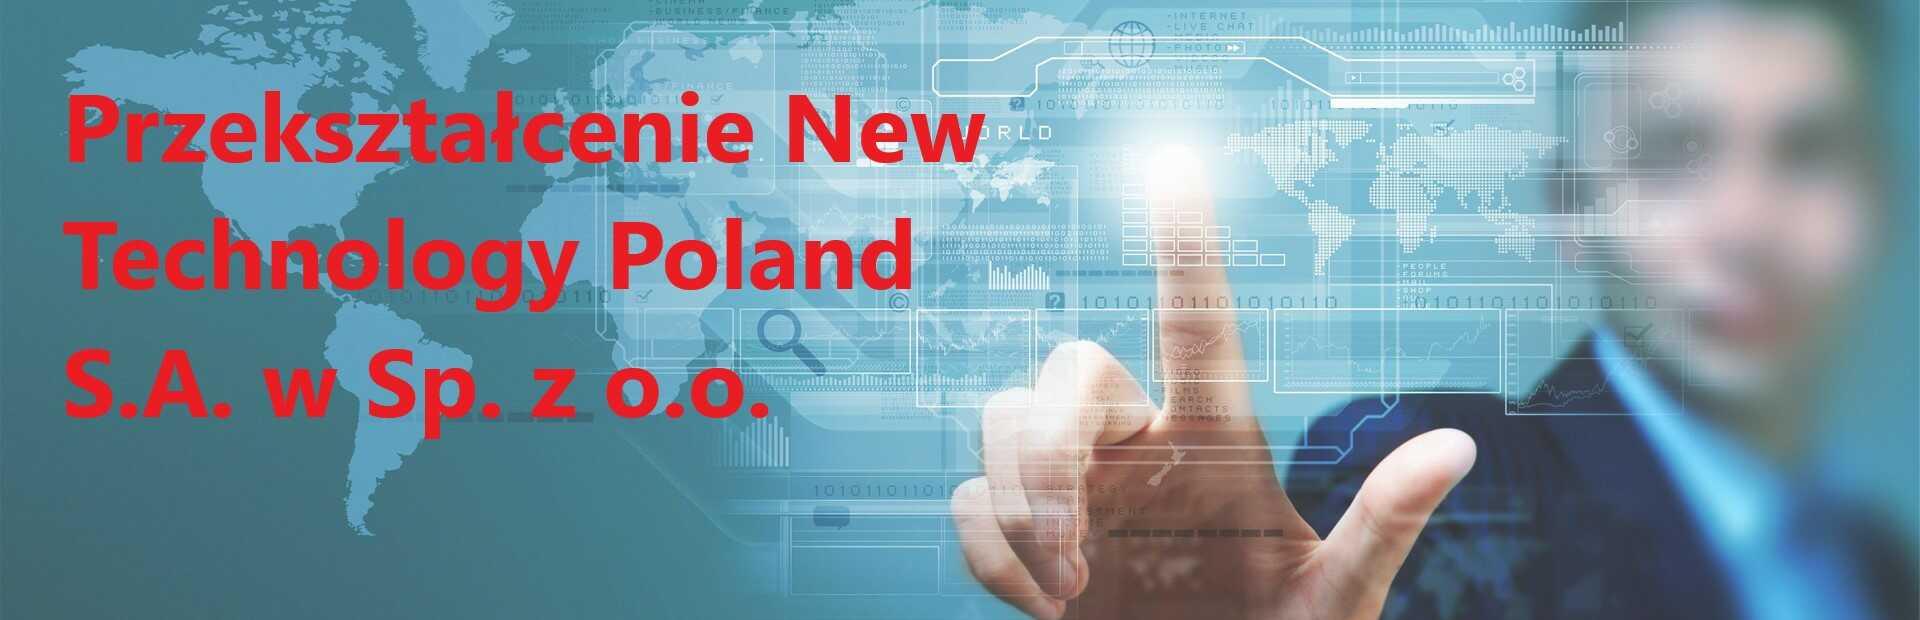 Przekształcenie  NEW TECHNOLOGY POLAND S.A. w Sp. z o.o.